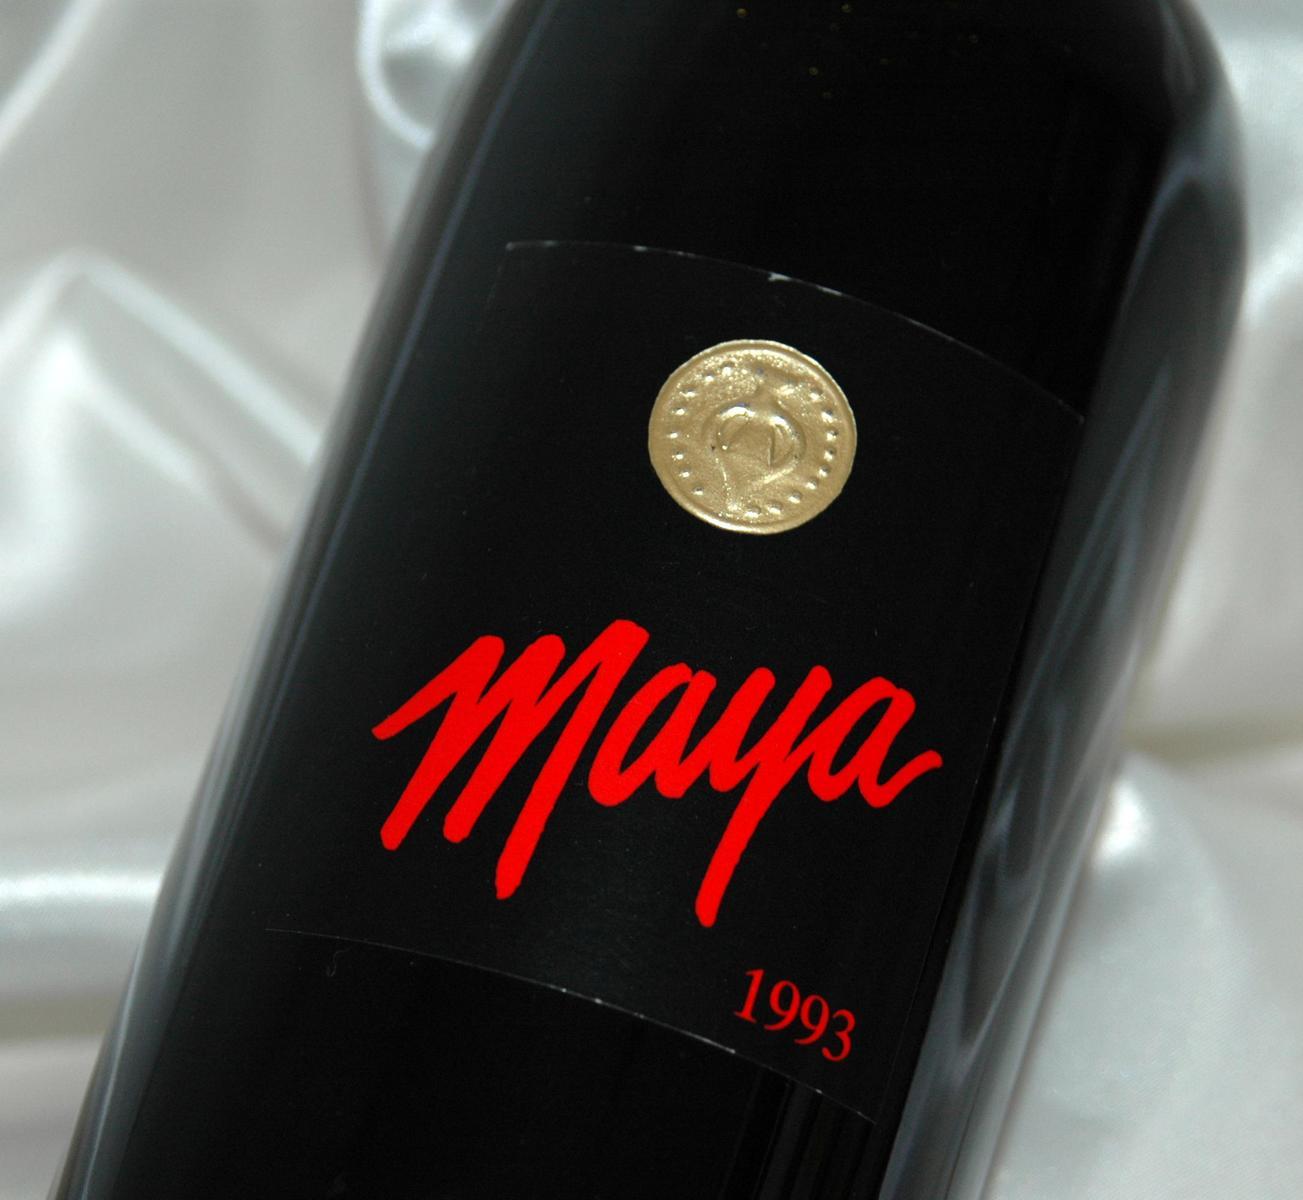 ダラ・ヴァレ マヤ [1993] 750ml /赤ワイン/アメリカワイン/カリフォルニア